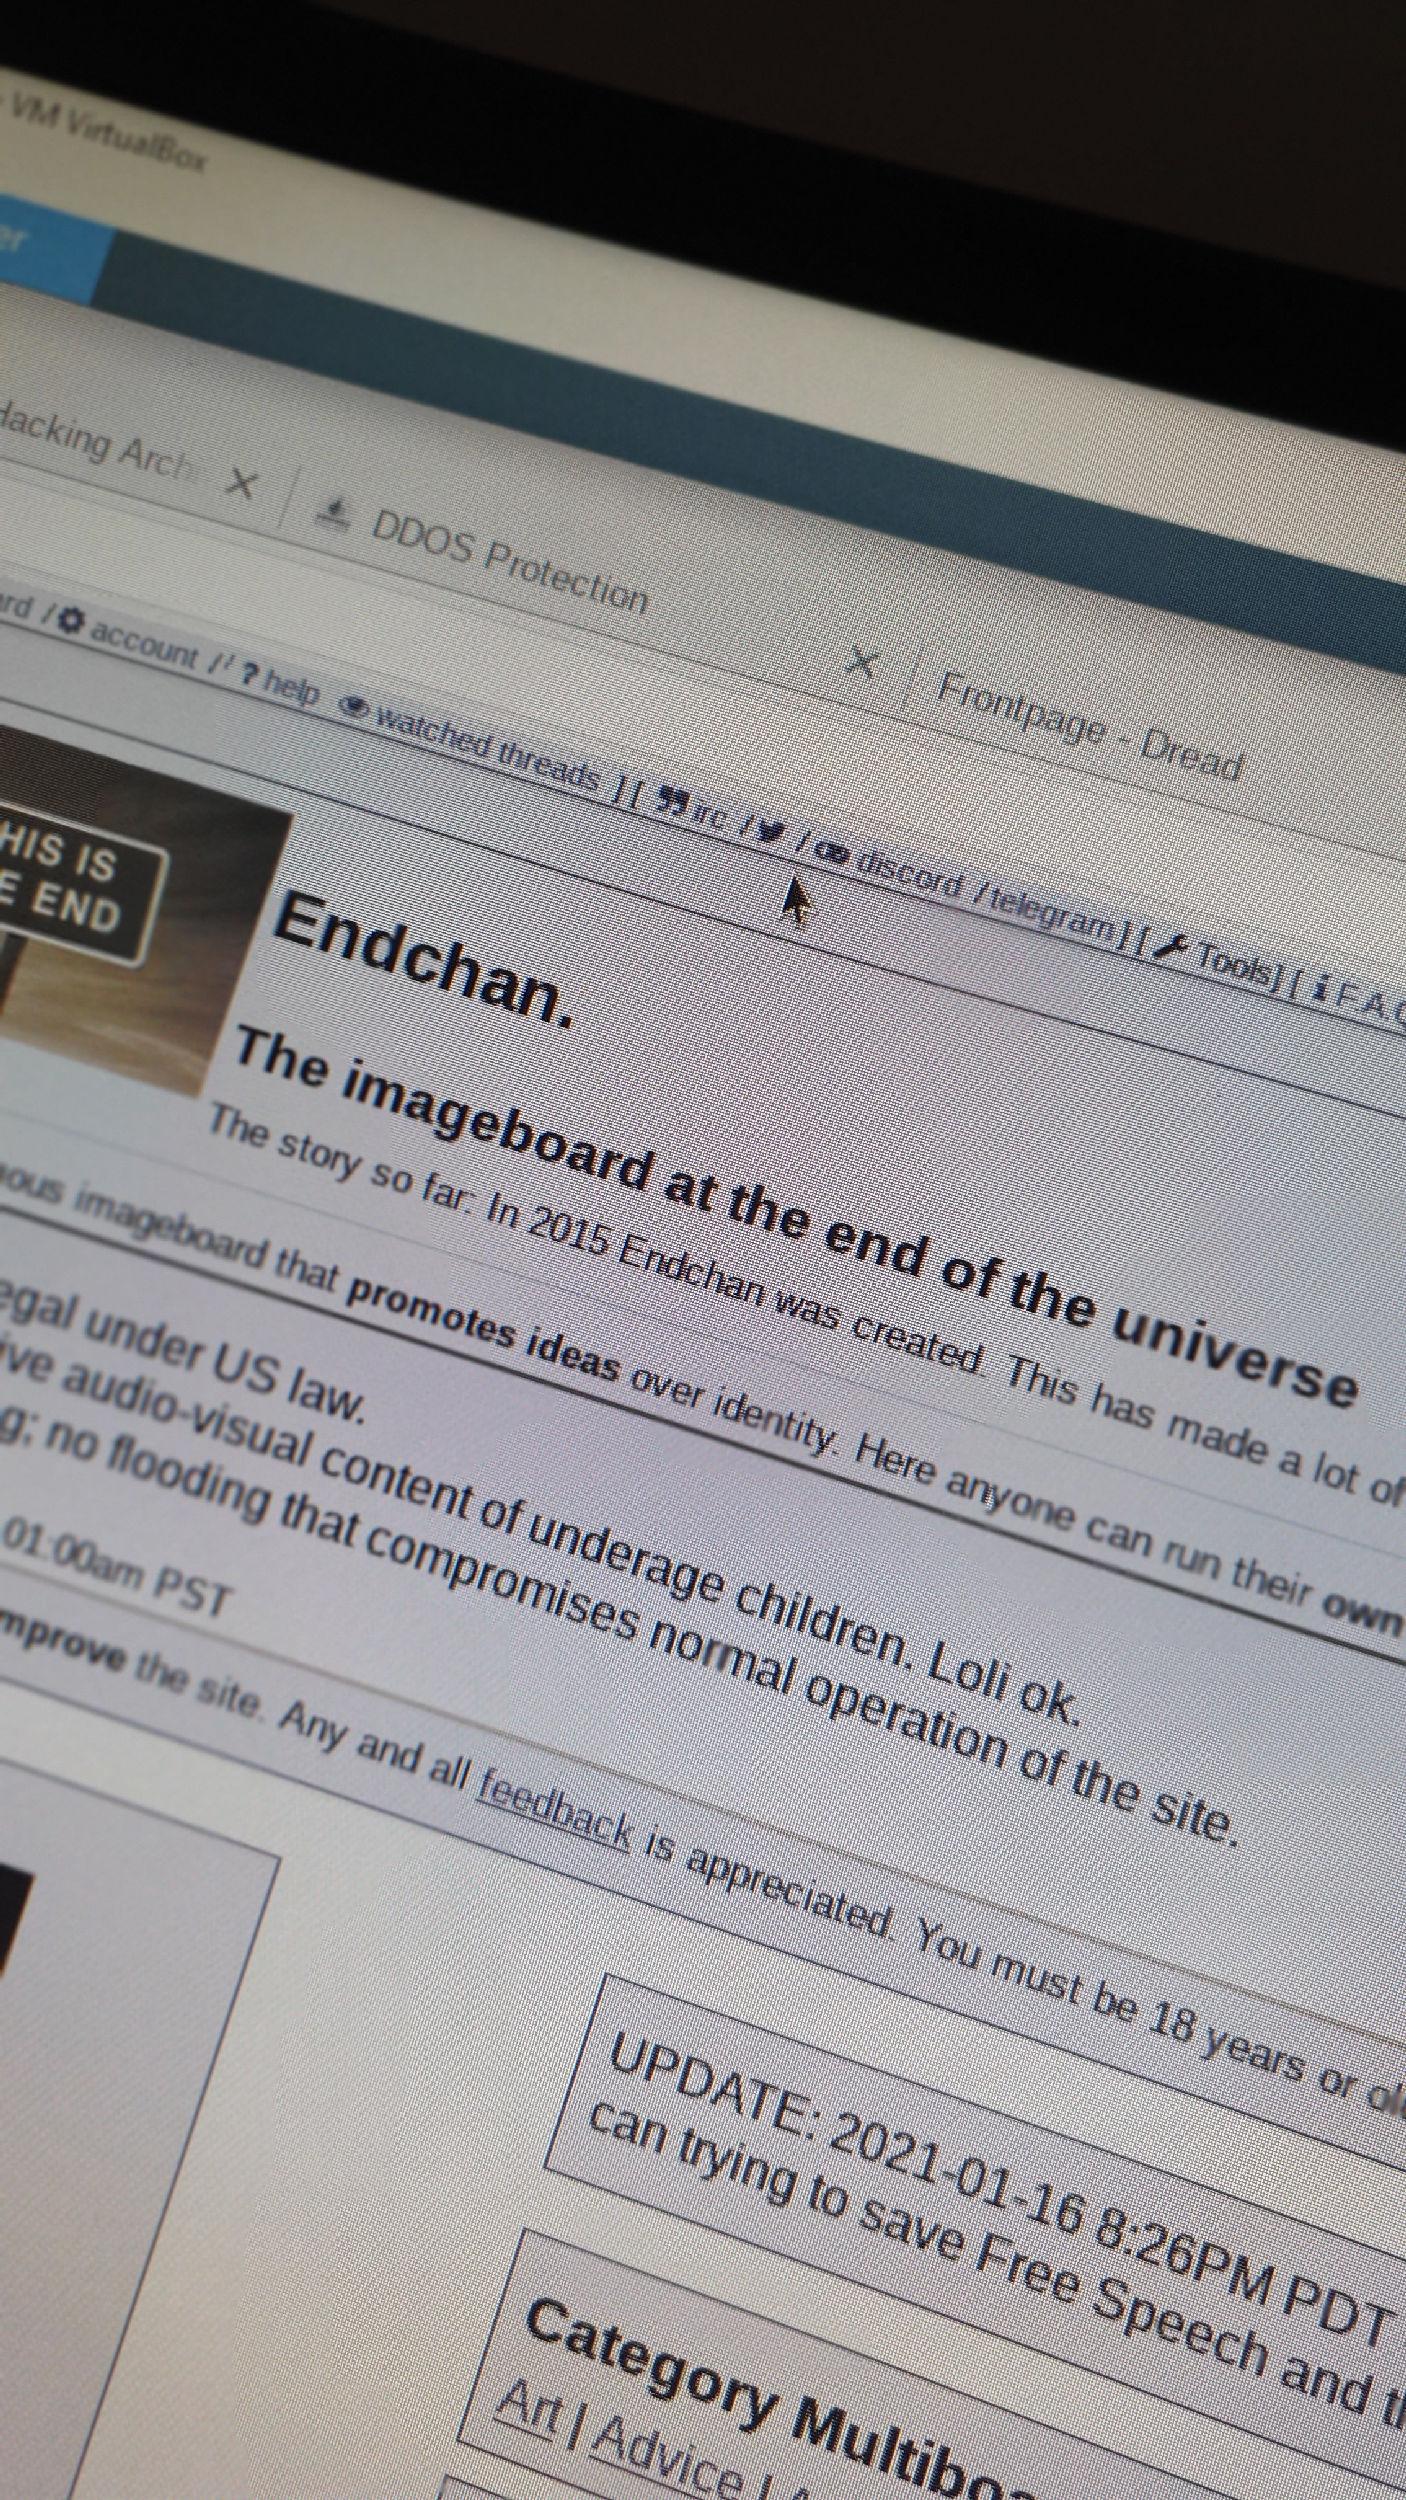 Endchan